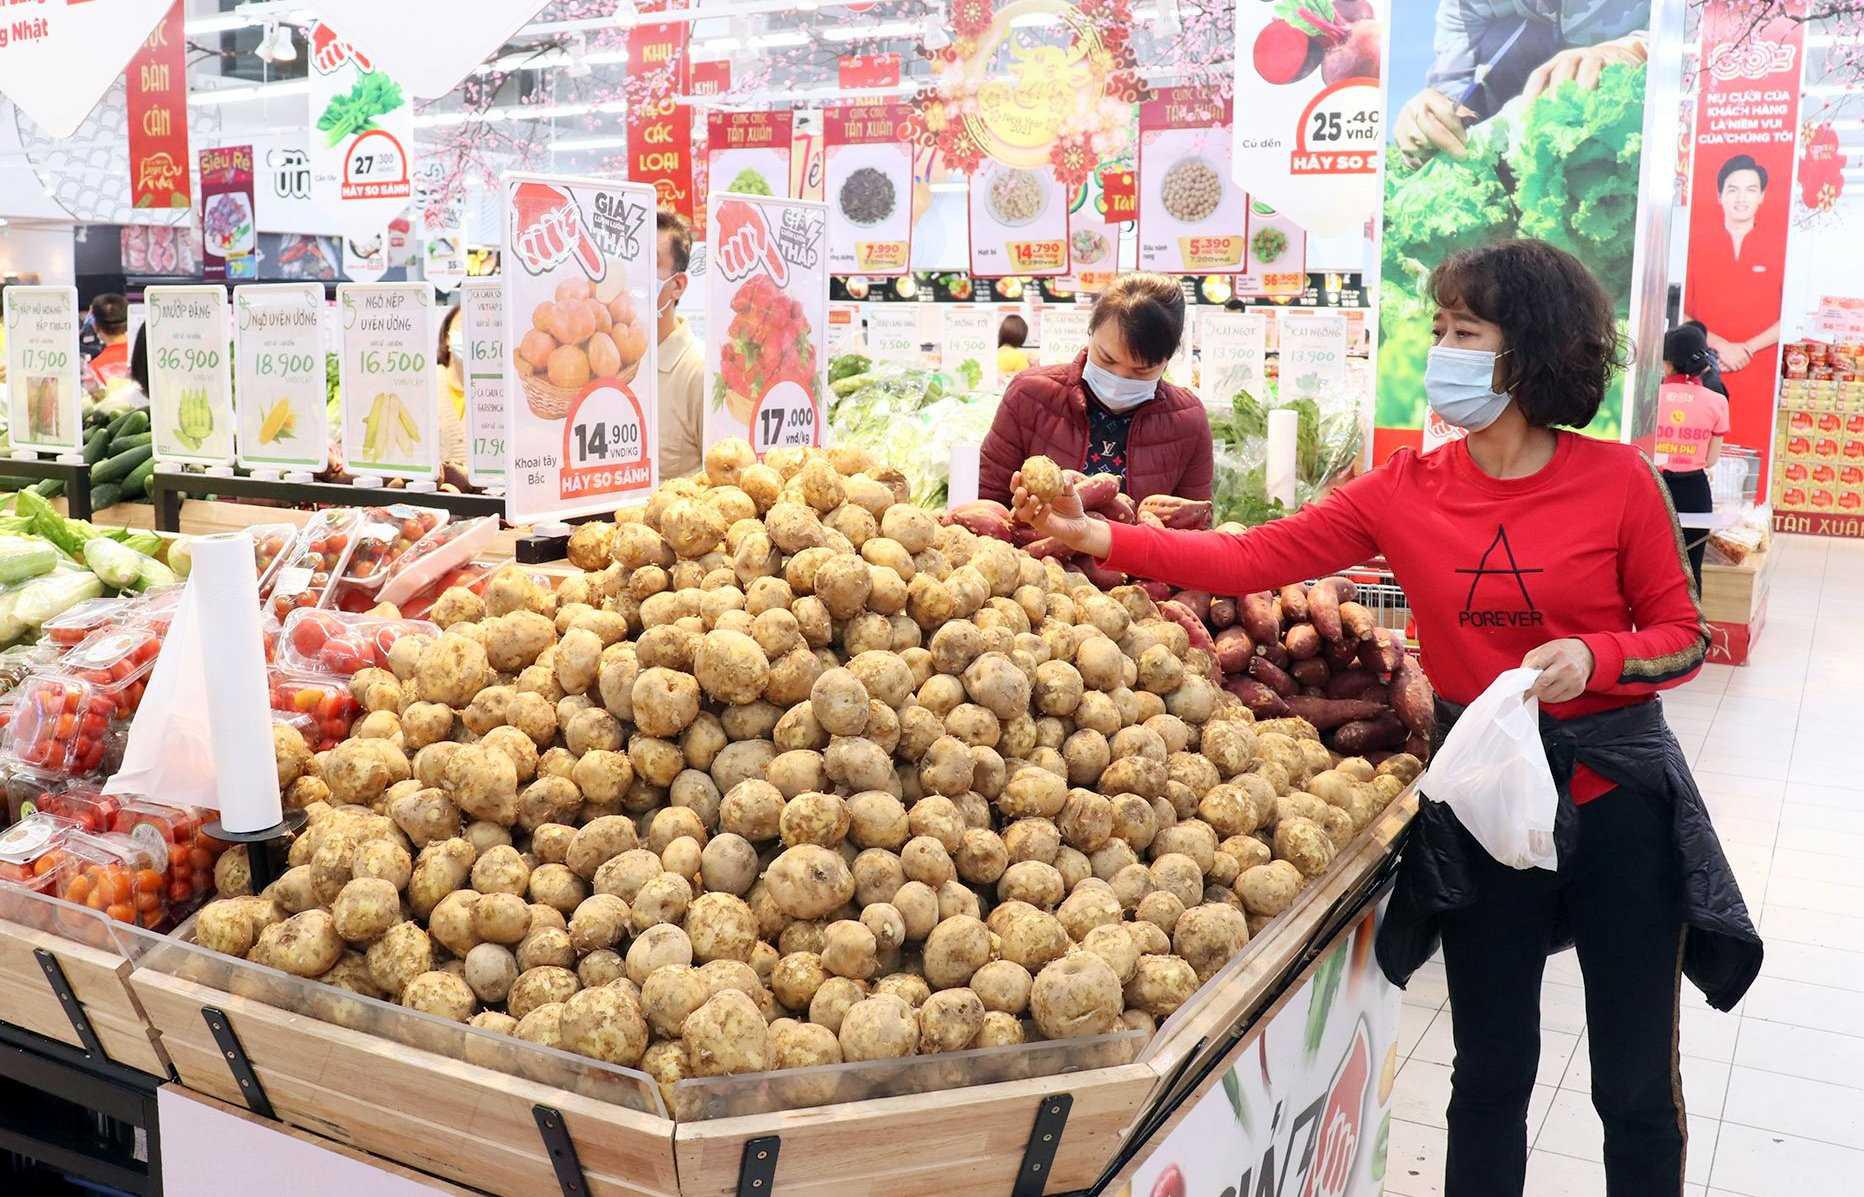 Quảng Ninh kết nối tiêu thụ thành công nông sản cho người dân bị ảnh hưởng bởi dịch Covid-19 - Ảnh 7.